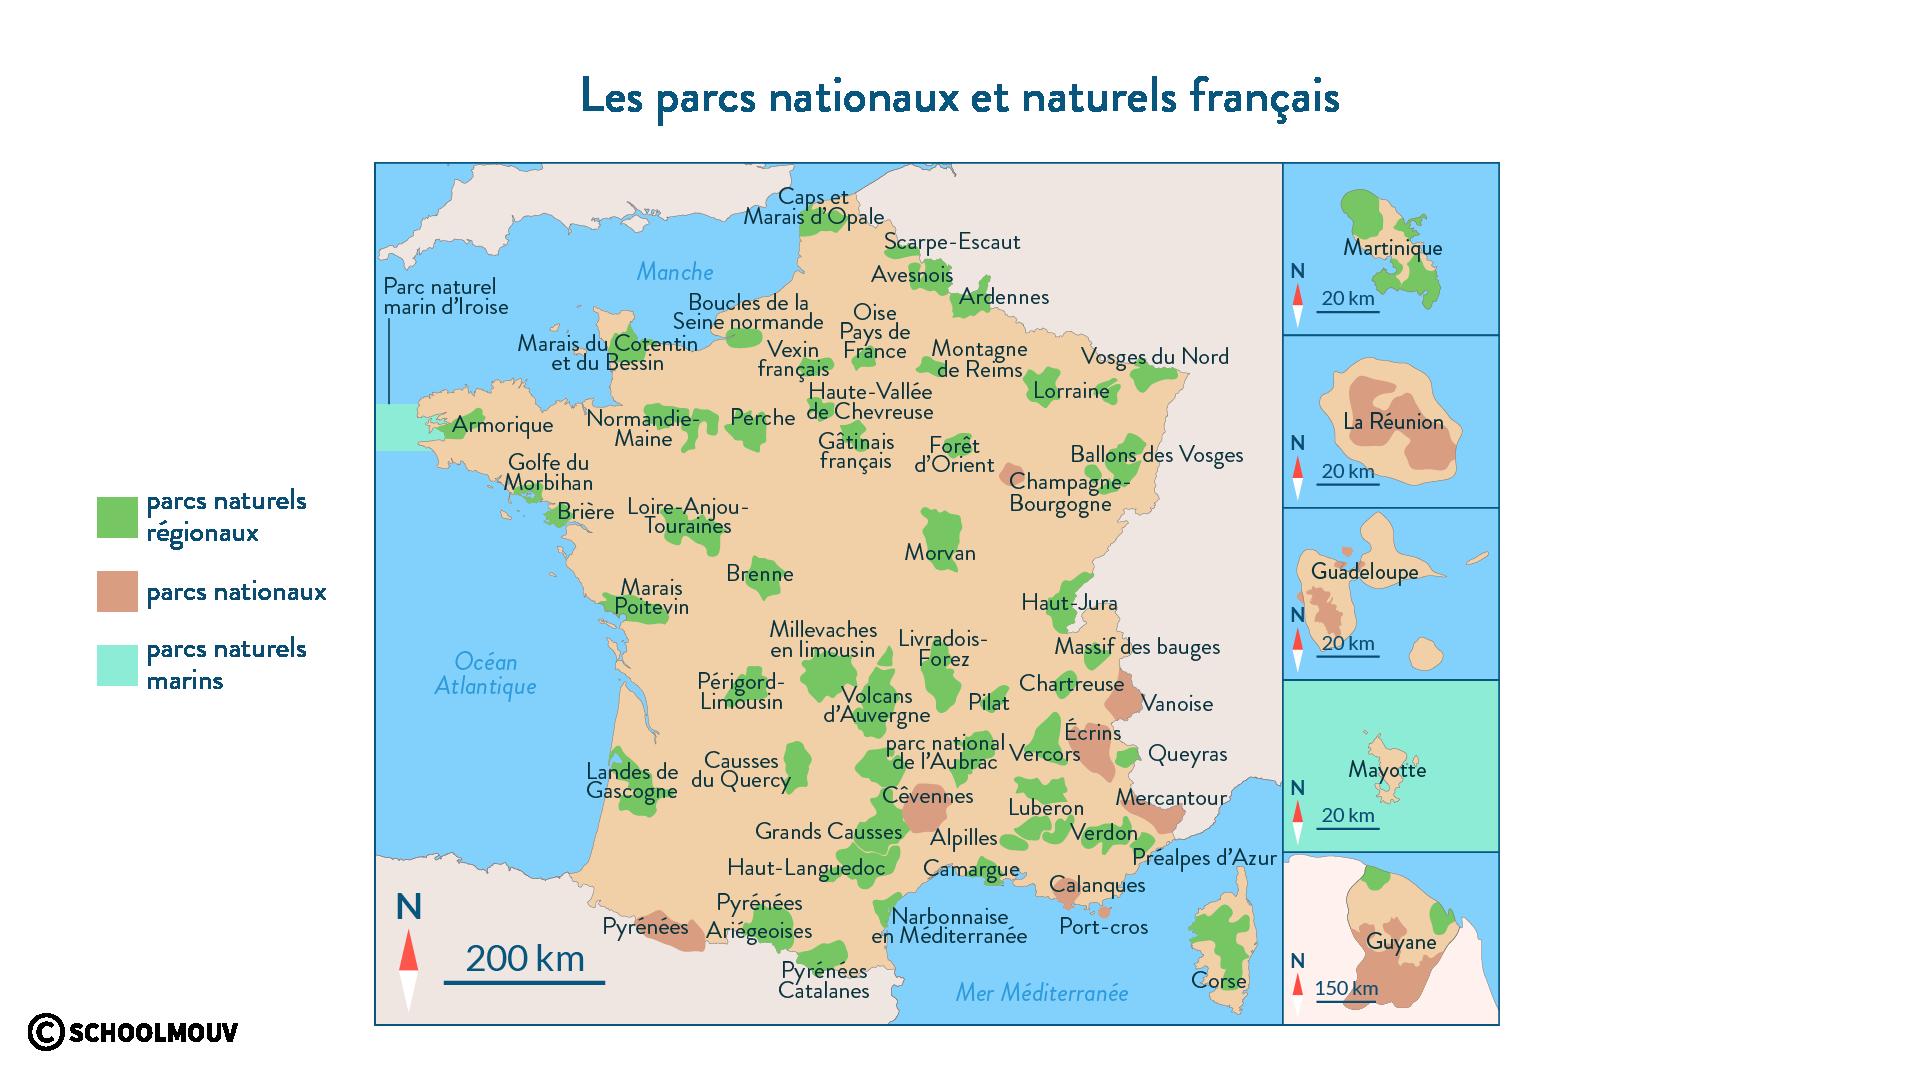 Les parcs nationaux français et naturels français - SchoolMouv - géographie - 2de